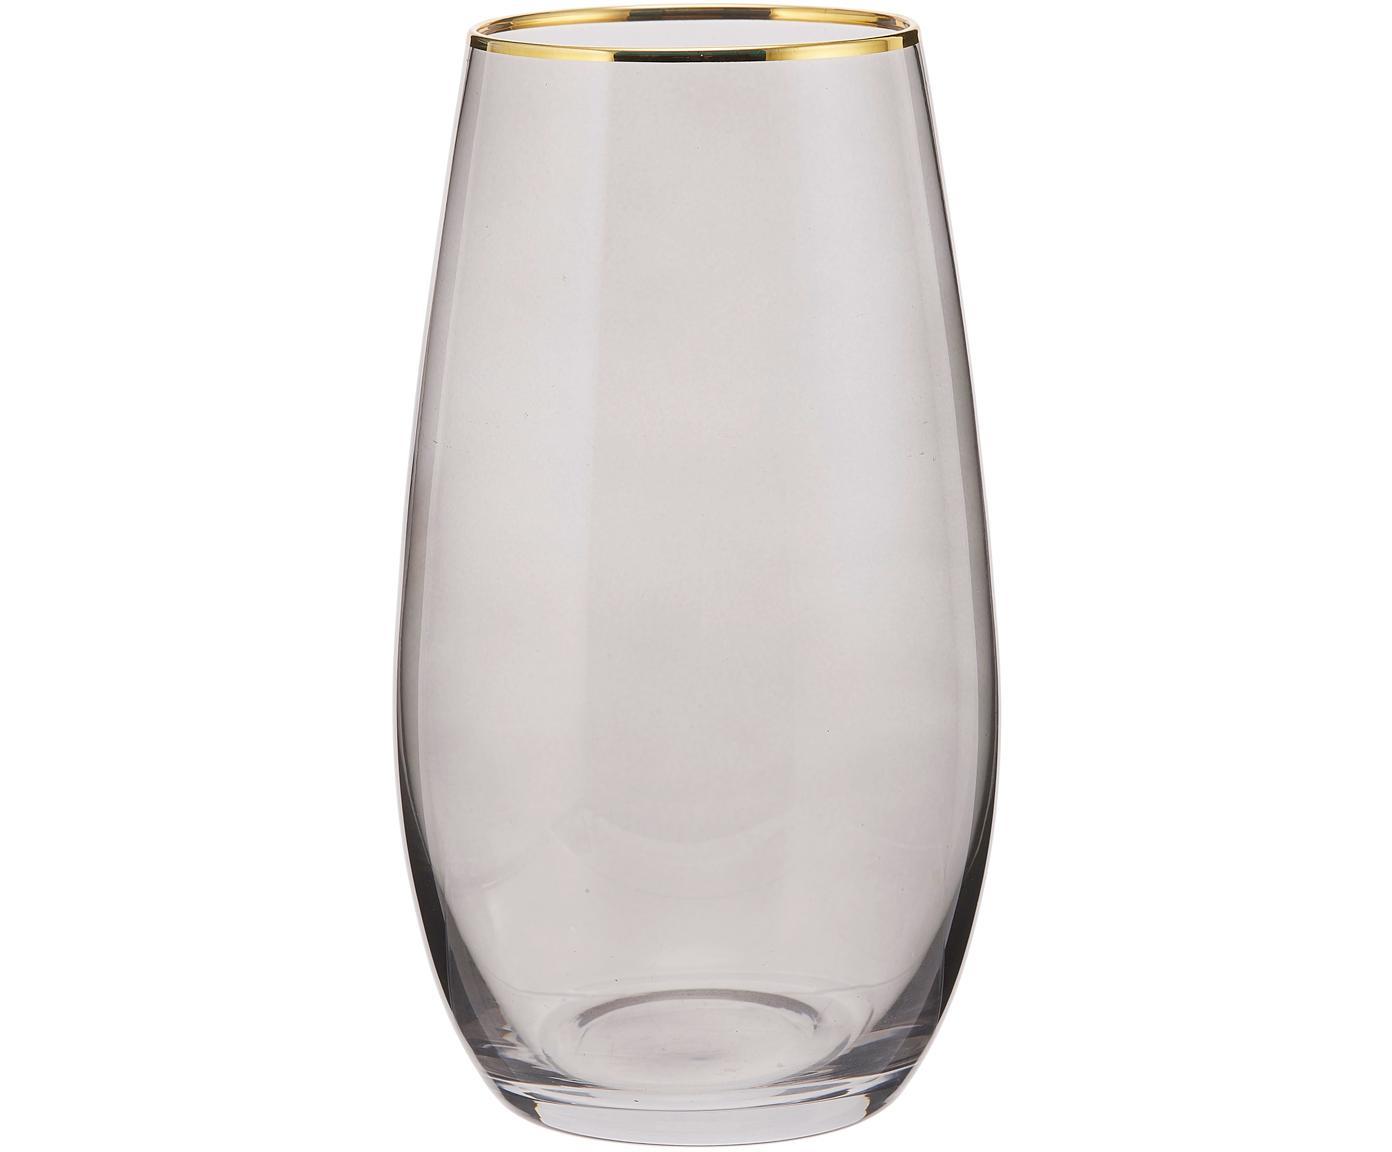 Szklanka do wody Chloe, 4 szt., Szkło, Szaroniebieski, Ø 9 x W 16 cm